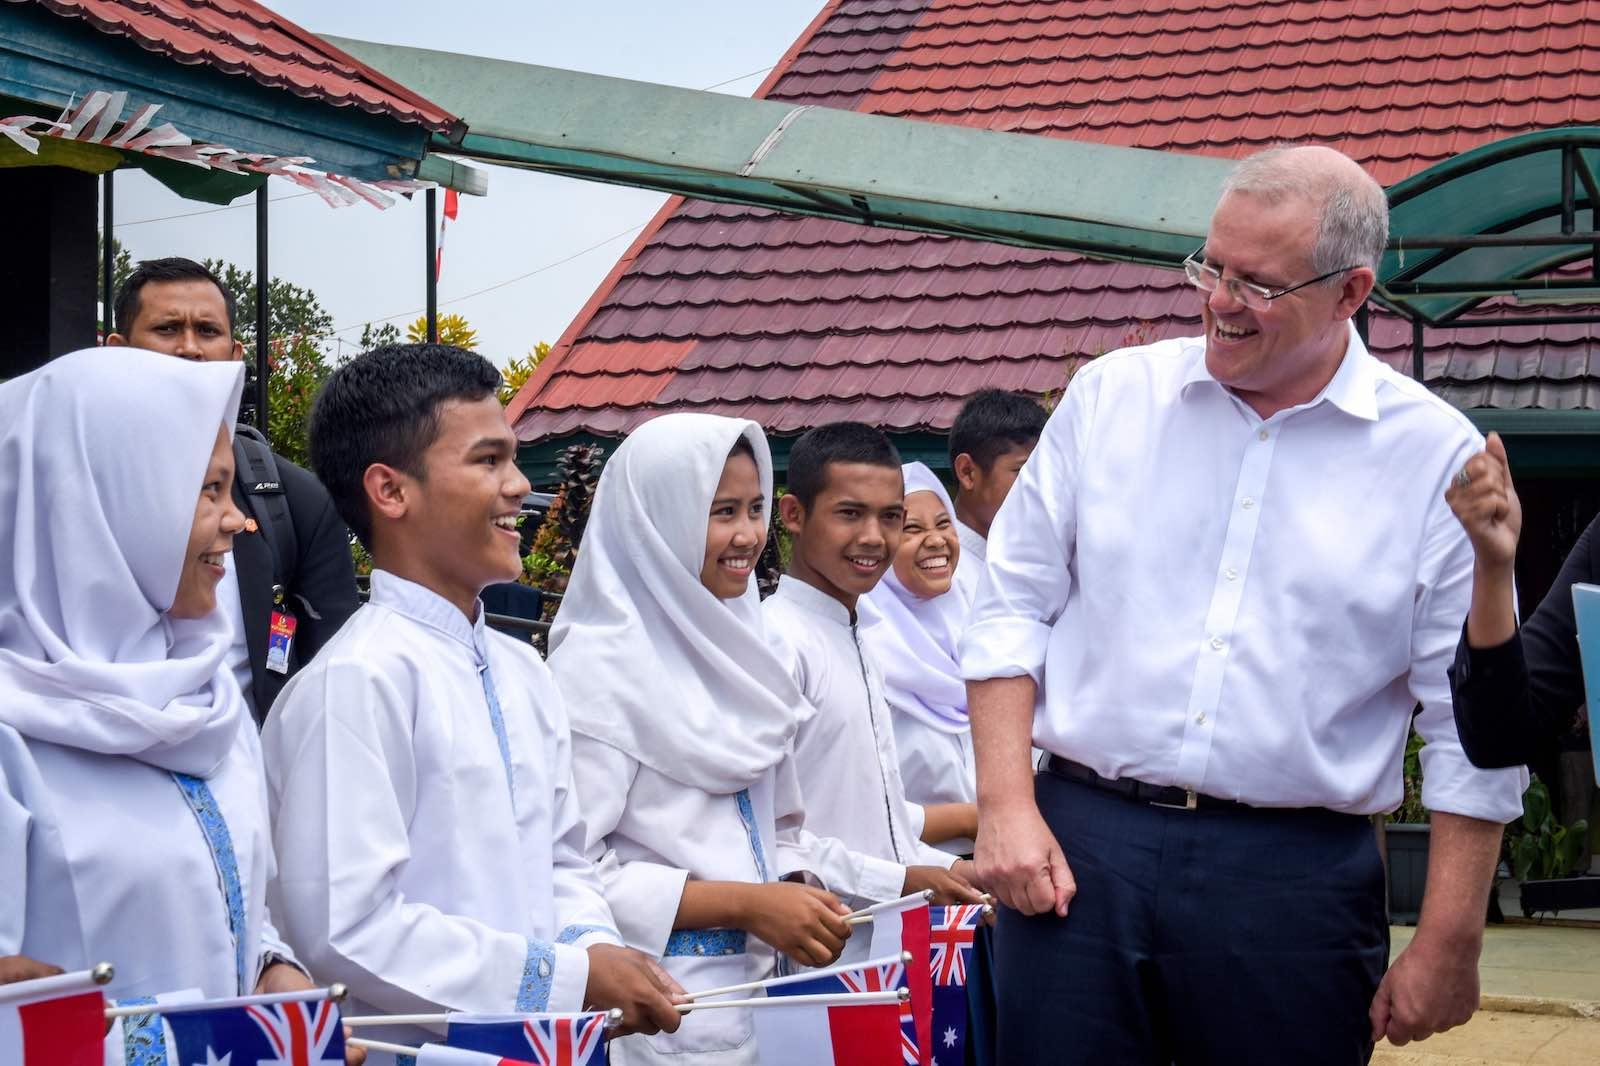 Prime Minister Scott Morrison in Indonesia in August 2018 (Photo: Australian Embassy Jakarta/Flickr)